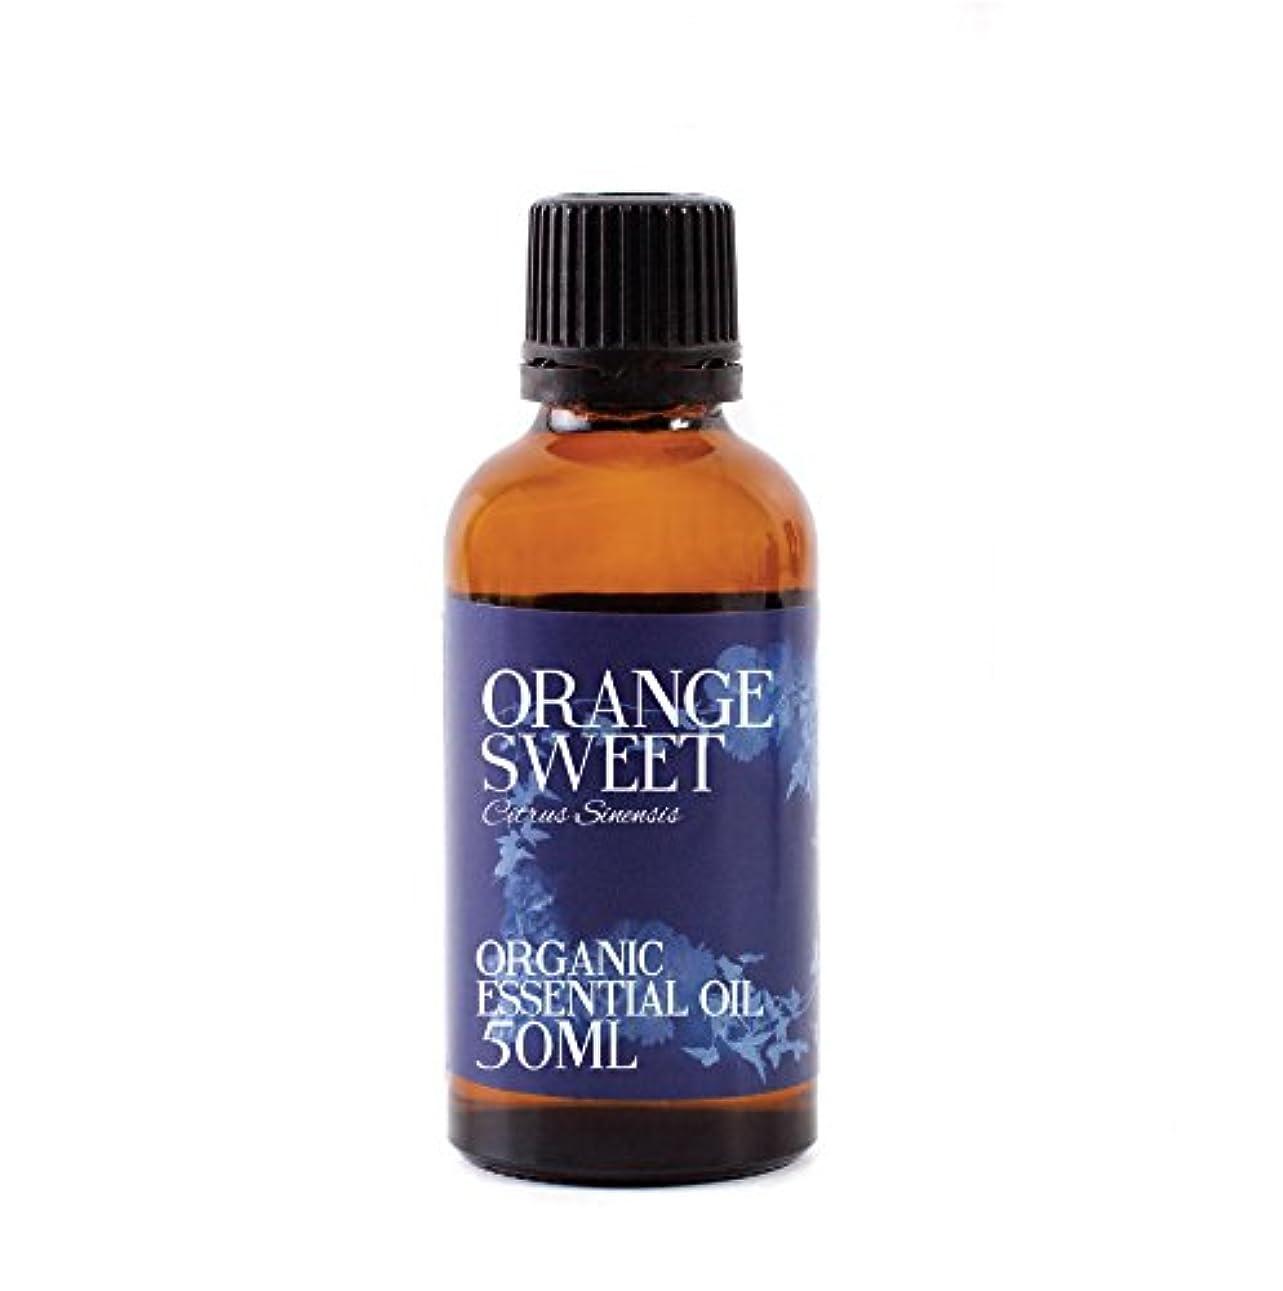 びっくりするそれに応じて誤解させるMystic Moments | Orange Sweet Organic Essential Oil - 50ml - 100% Pure